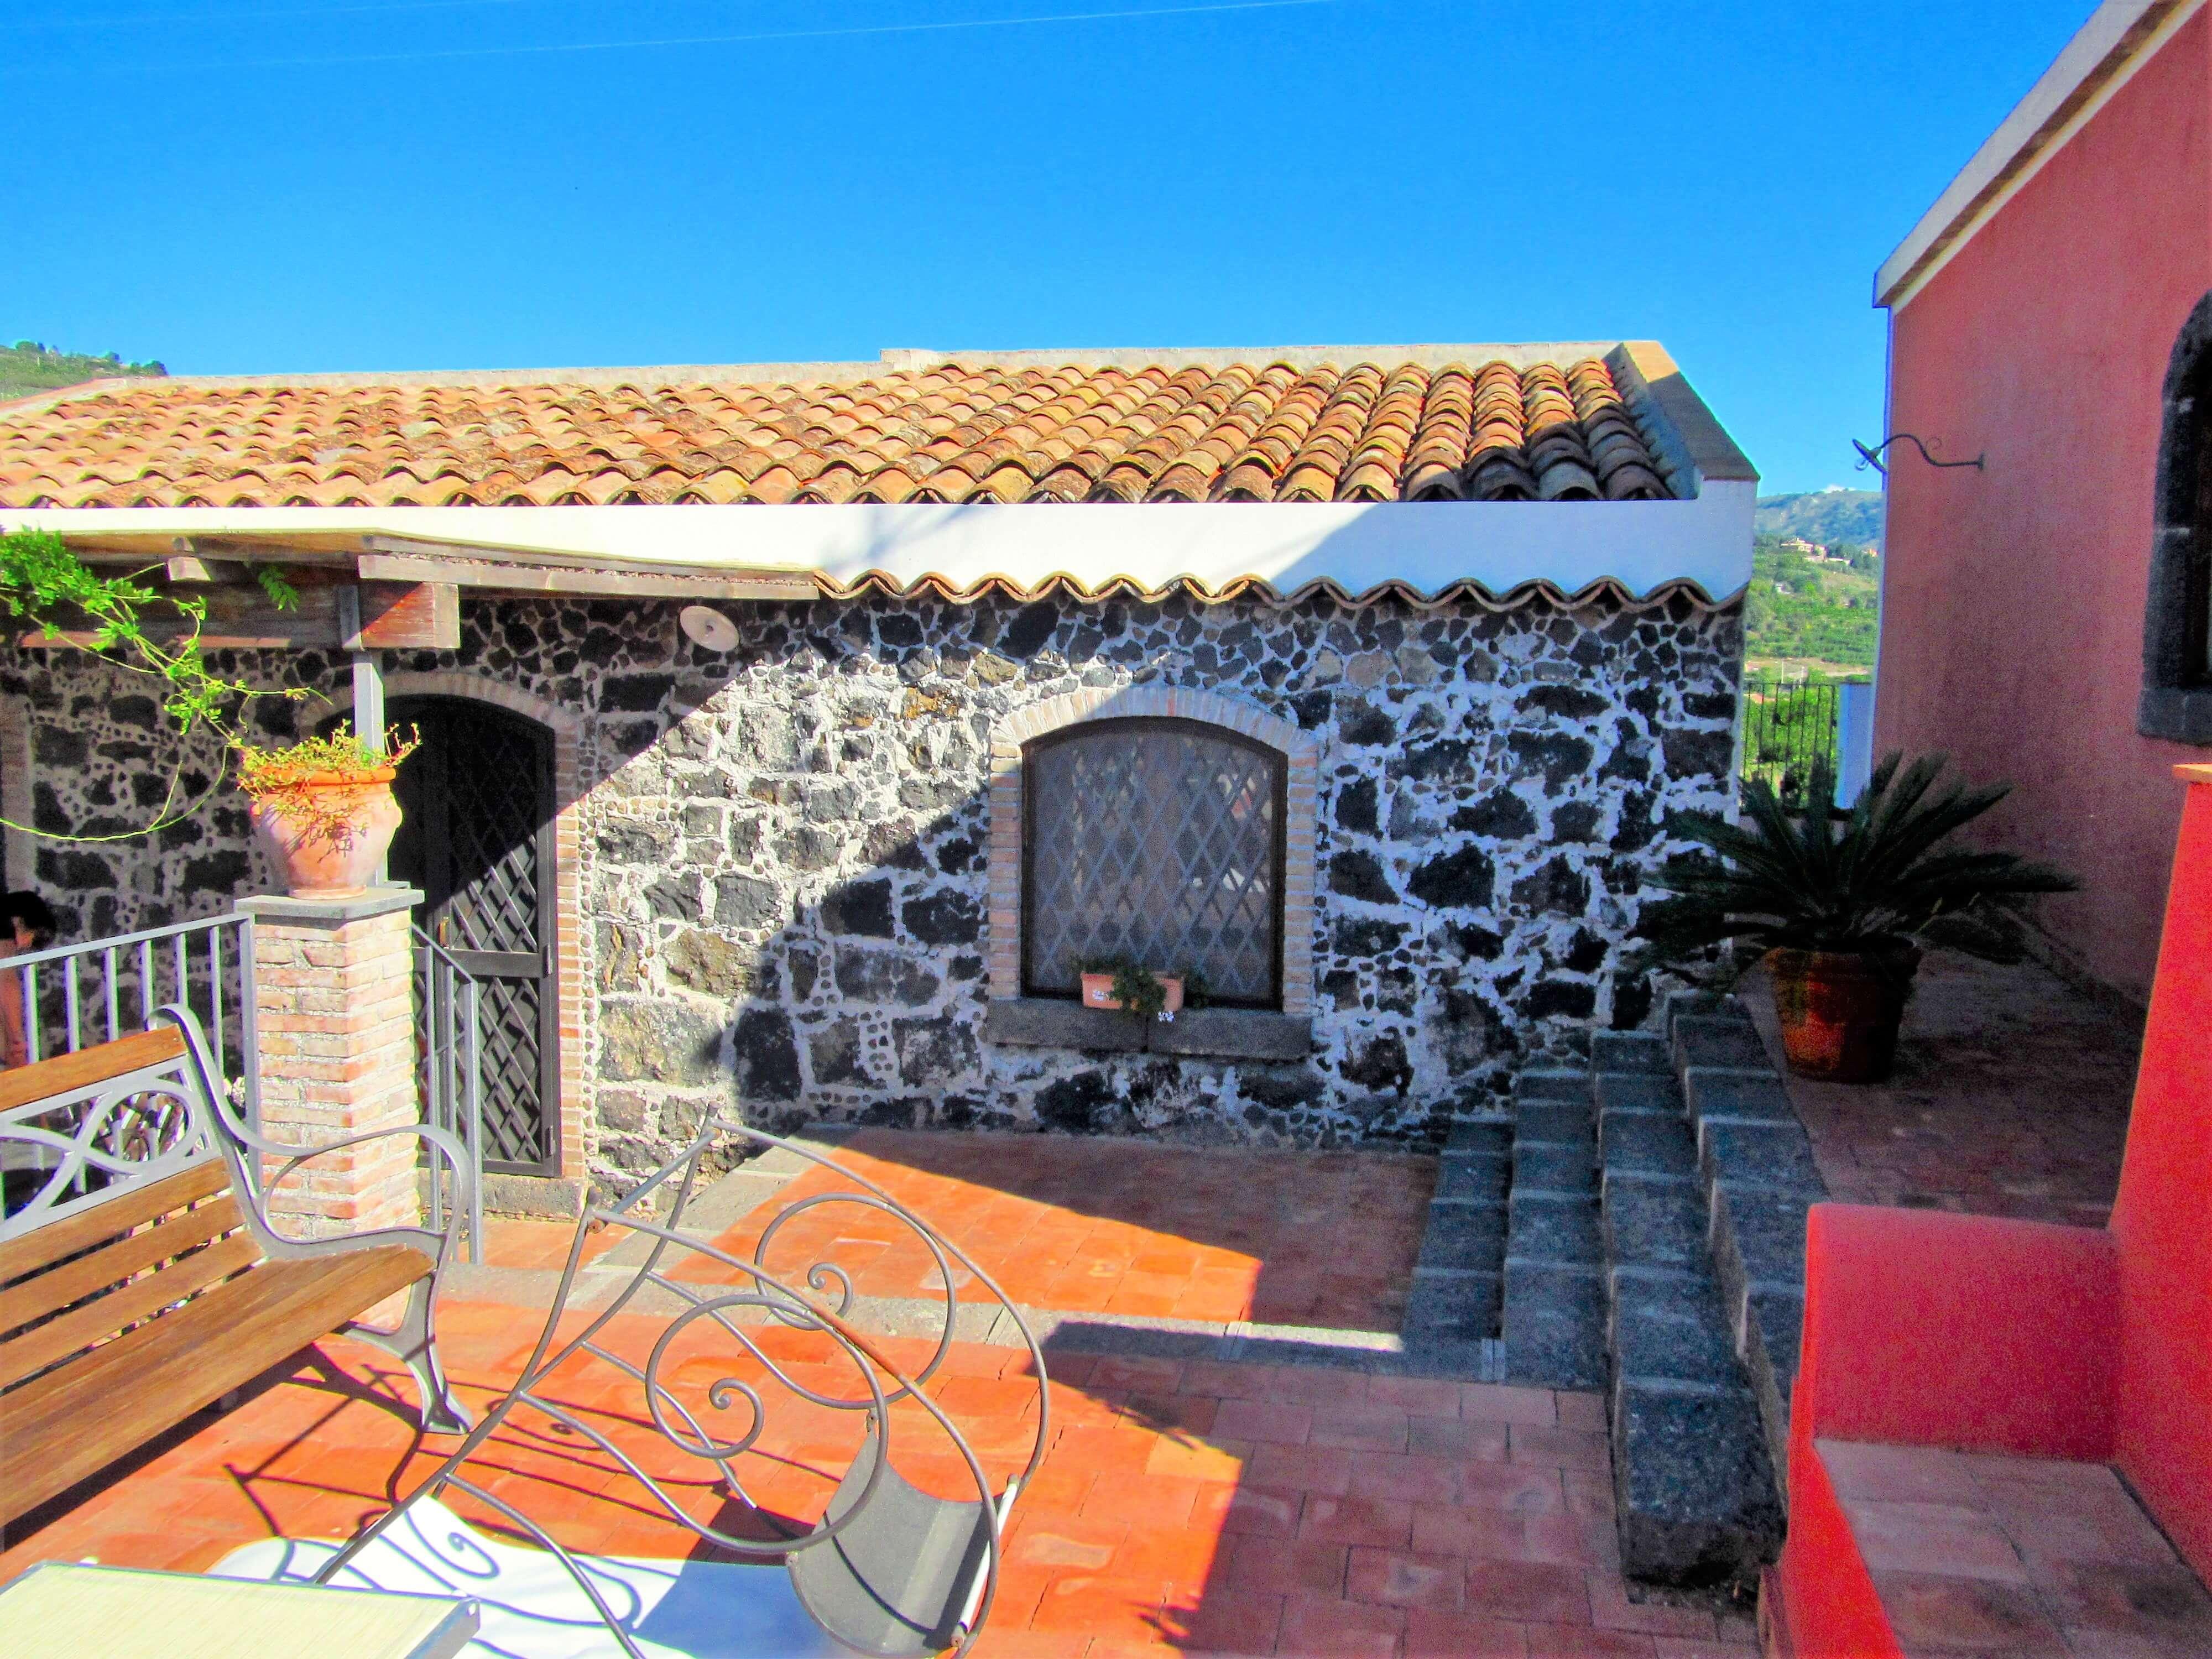 Cour intérieur de la Casa Clementine pour prendre le soleil en Sicile